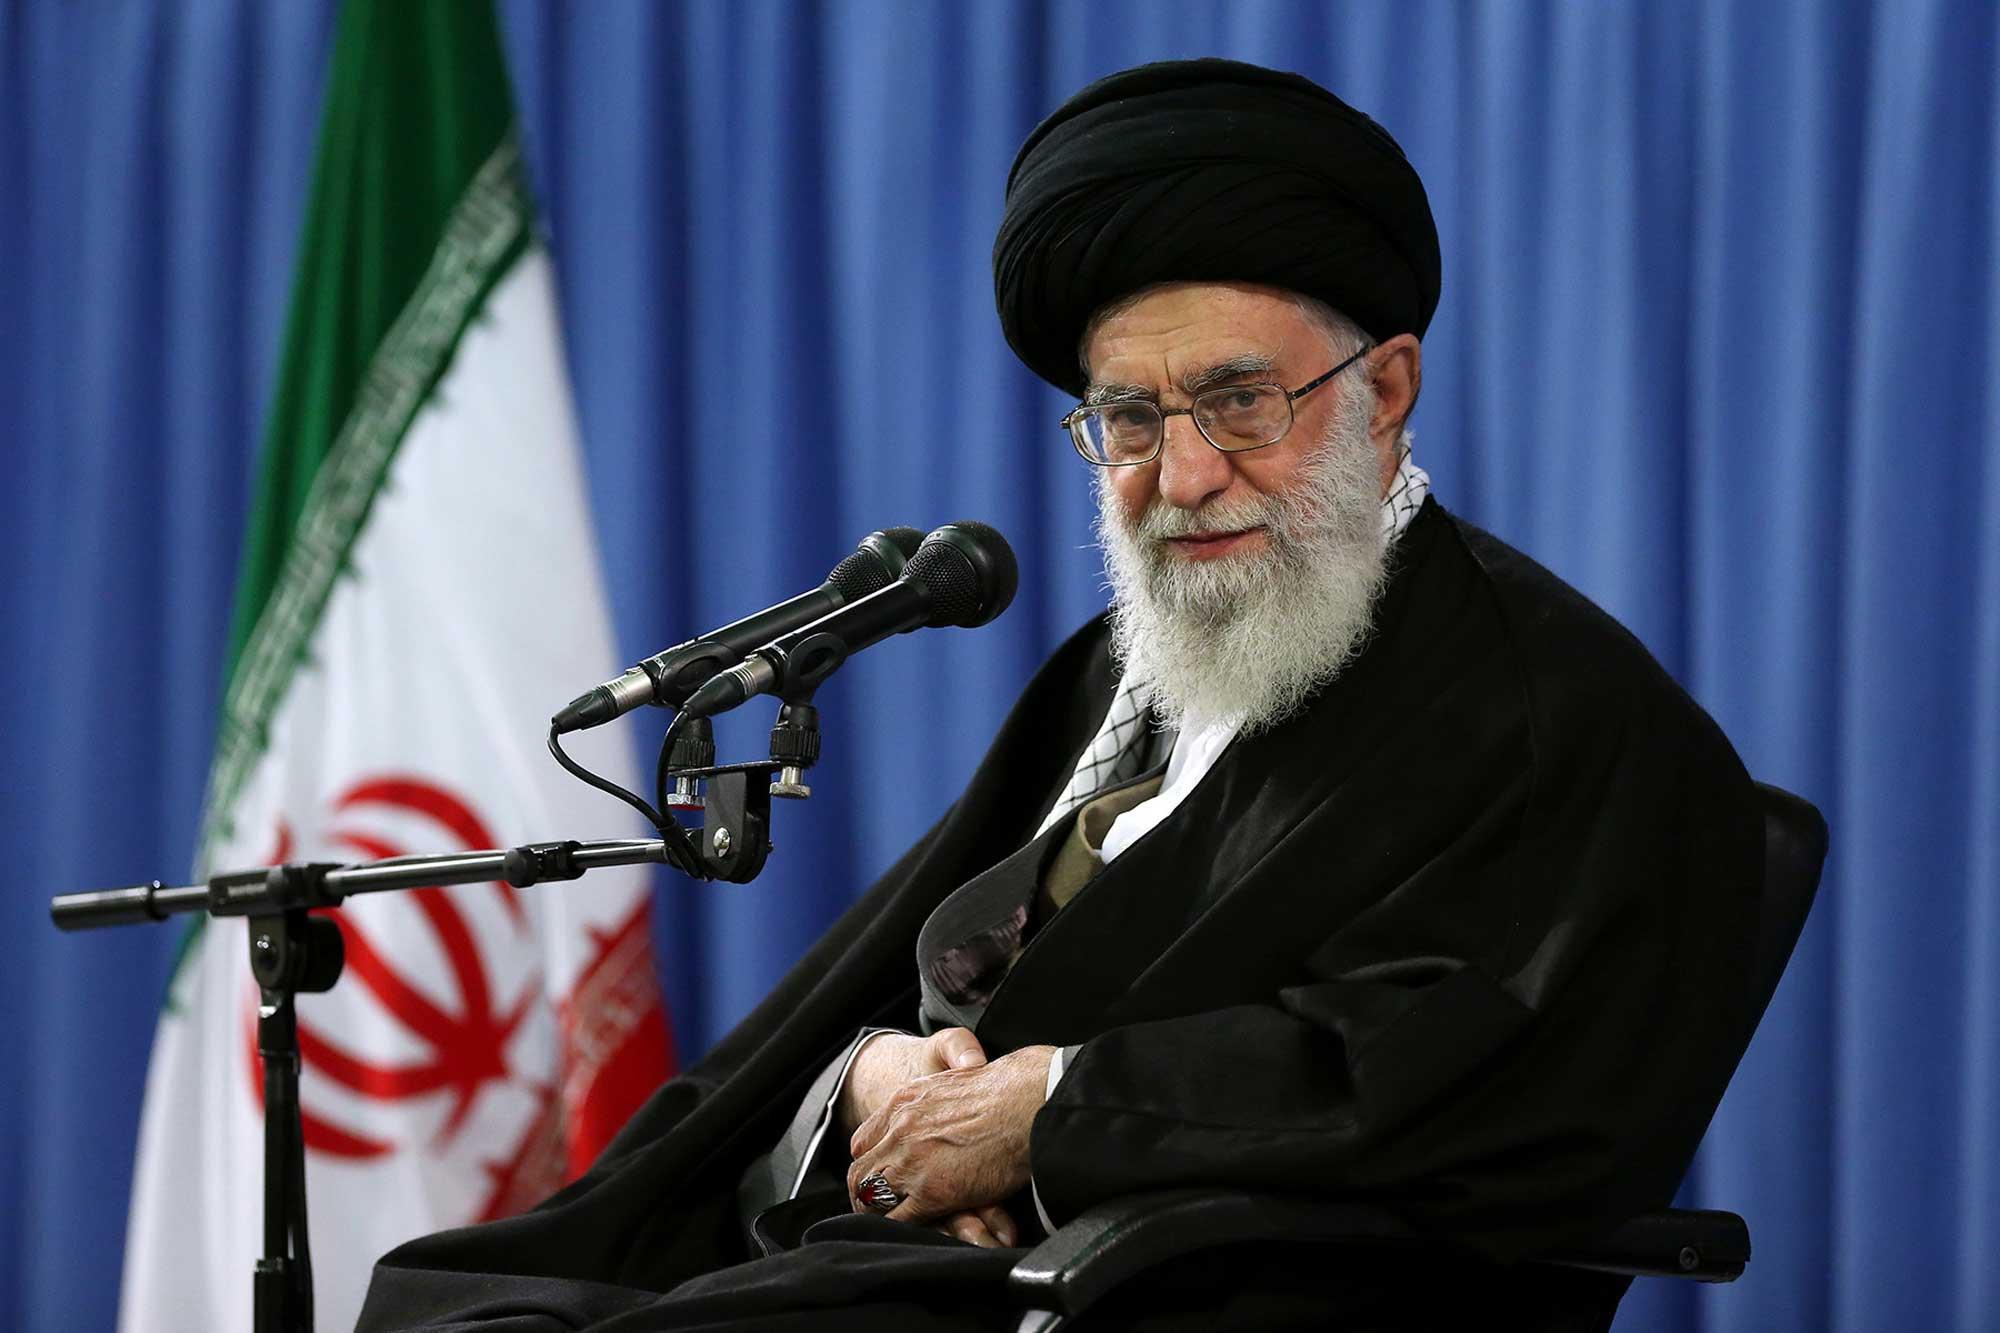 Iranian supreme leader, Supreme Leader Ayatollah Ali Khamenei in Tehran, Iran, April 9, 2015.